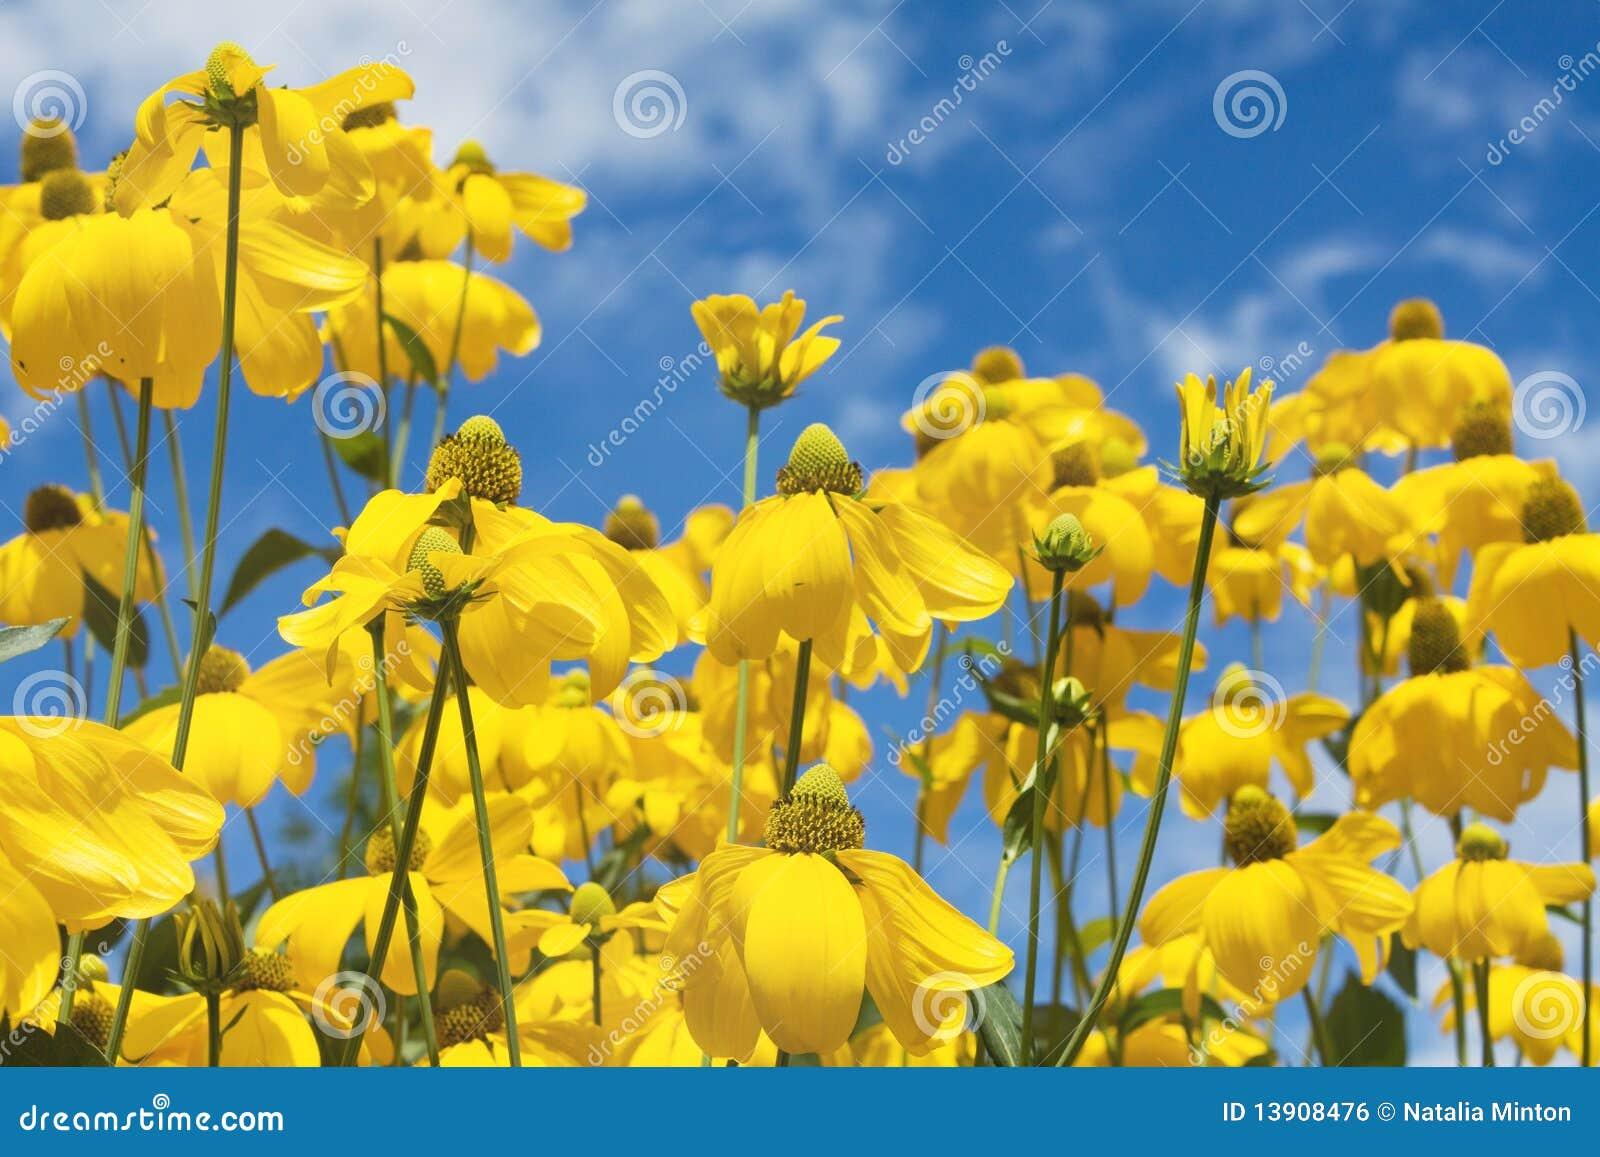 gelbe sommerblumen stockfoto bild von blumenblatt niemand 13908476. Black Bedroom Furniture Sets. Home Design Ideas